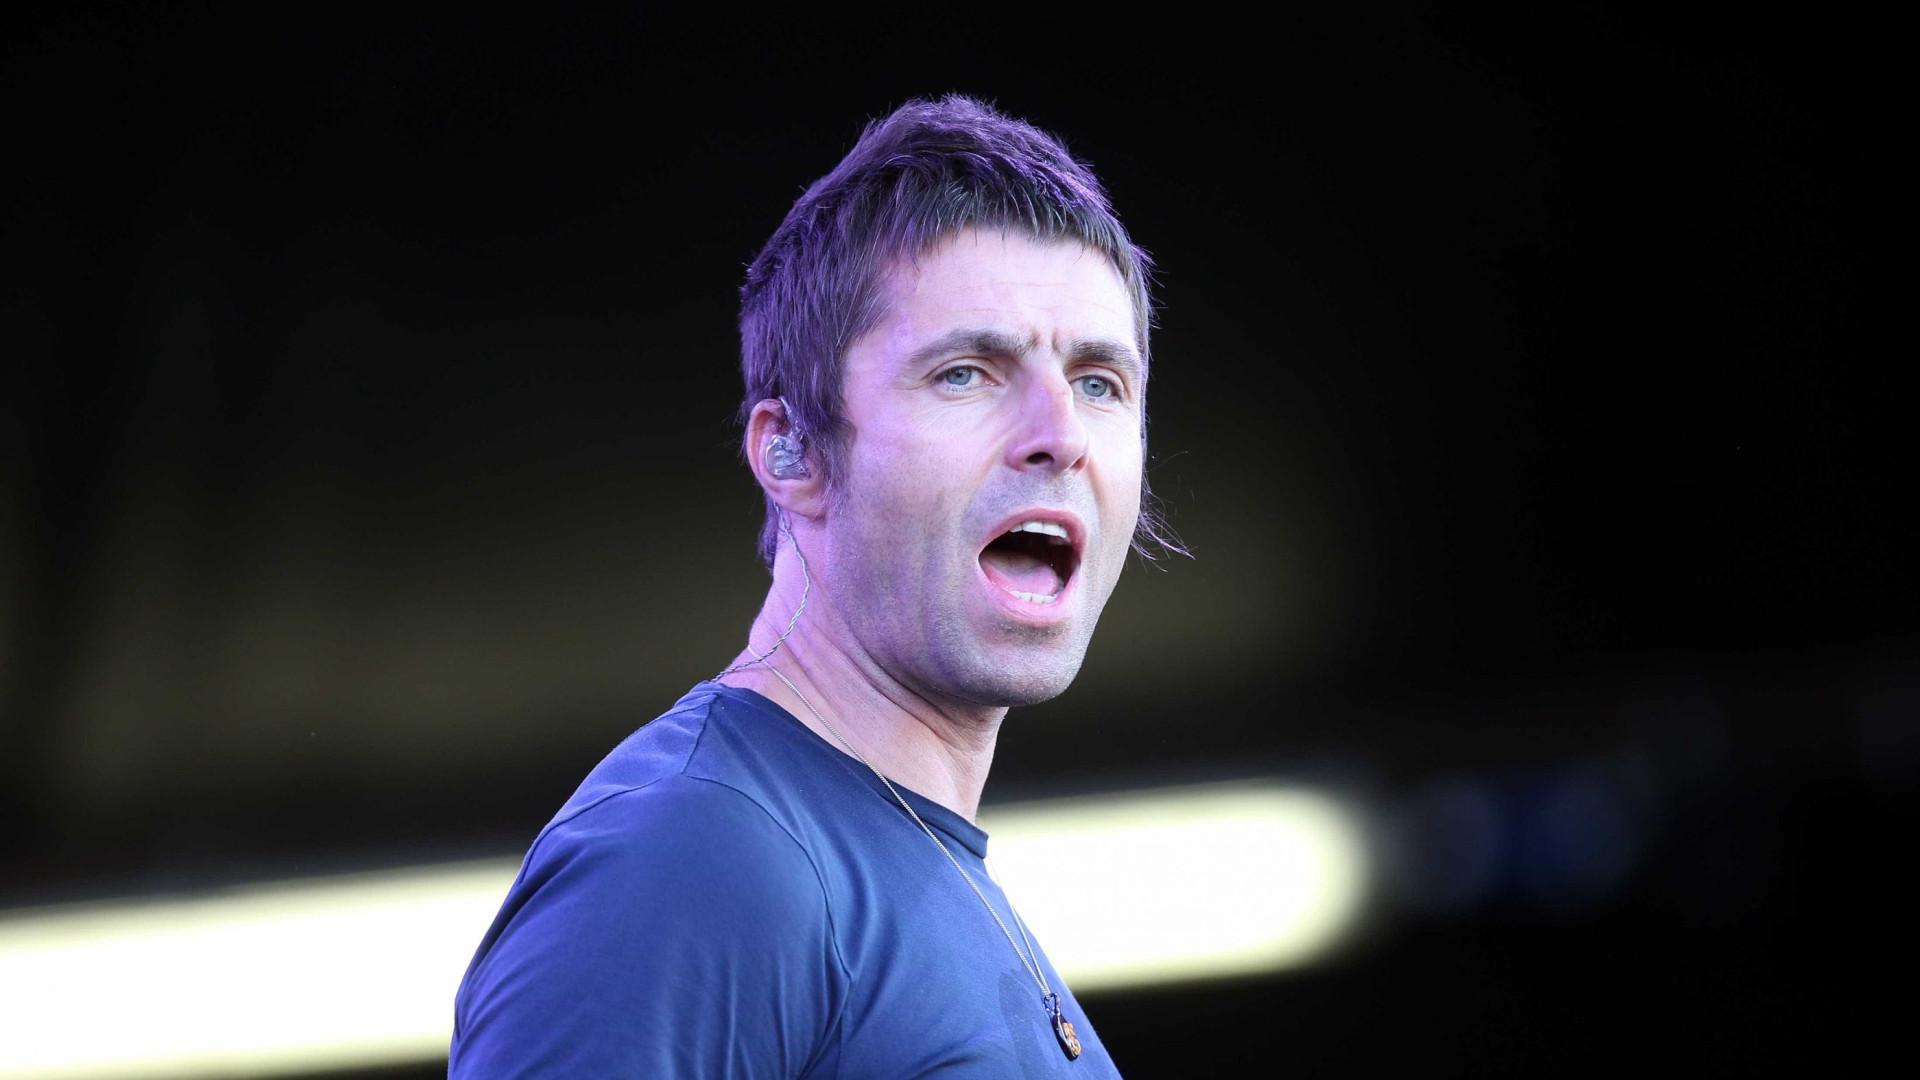 Liam Gallagher revela que consome drogas (e não dá o exemplo aos filhos)